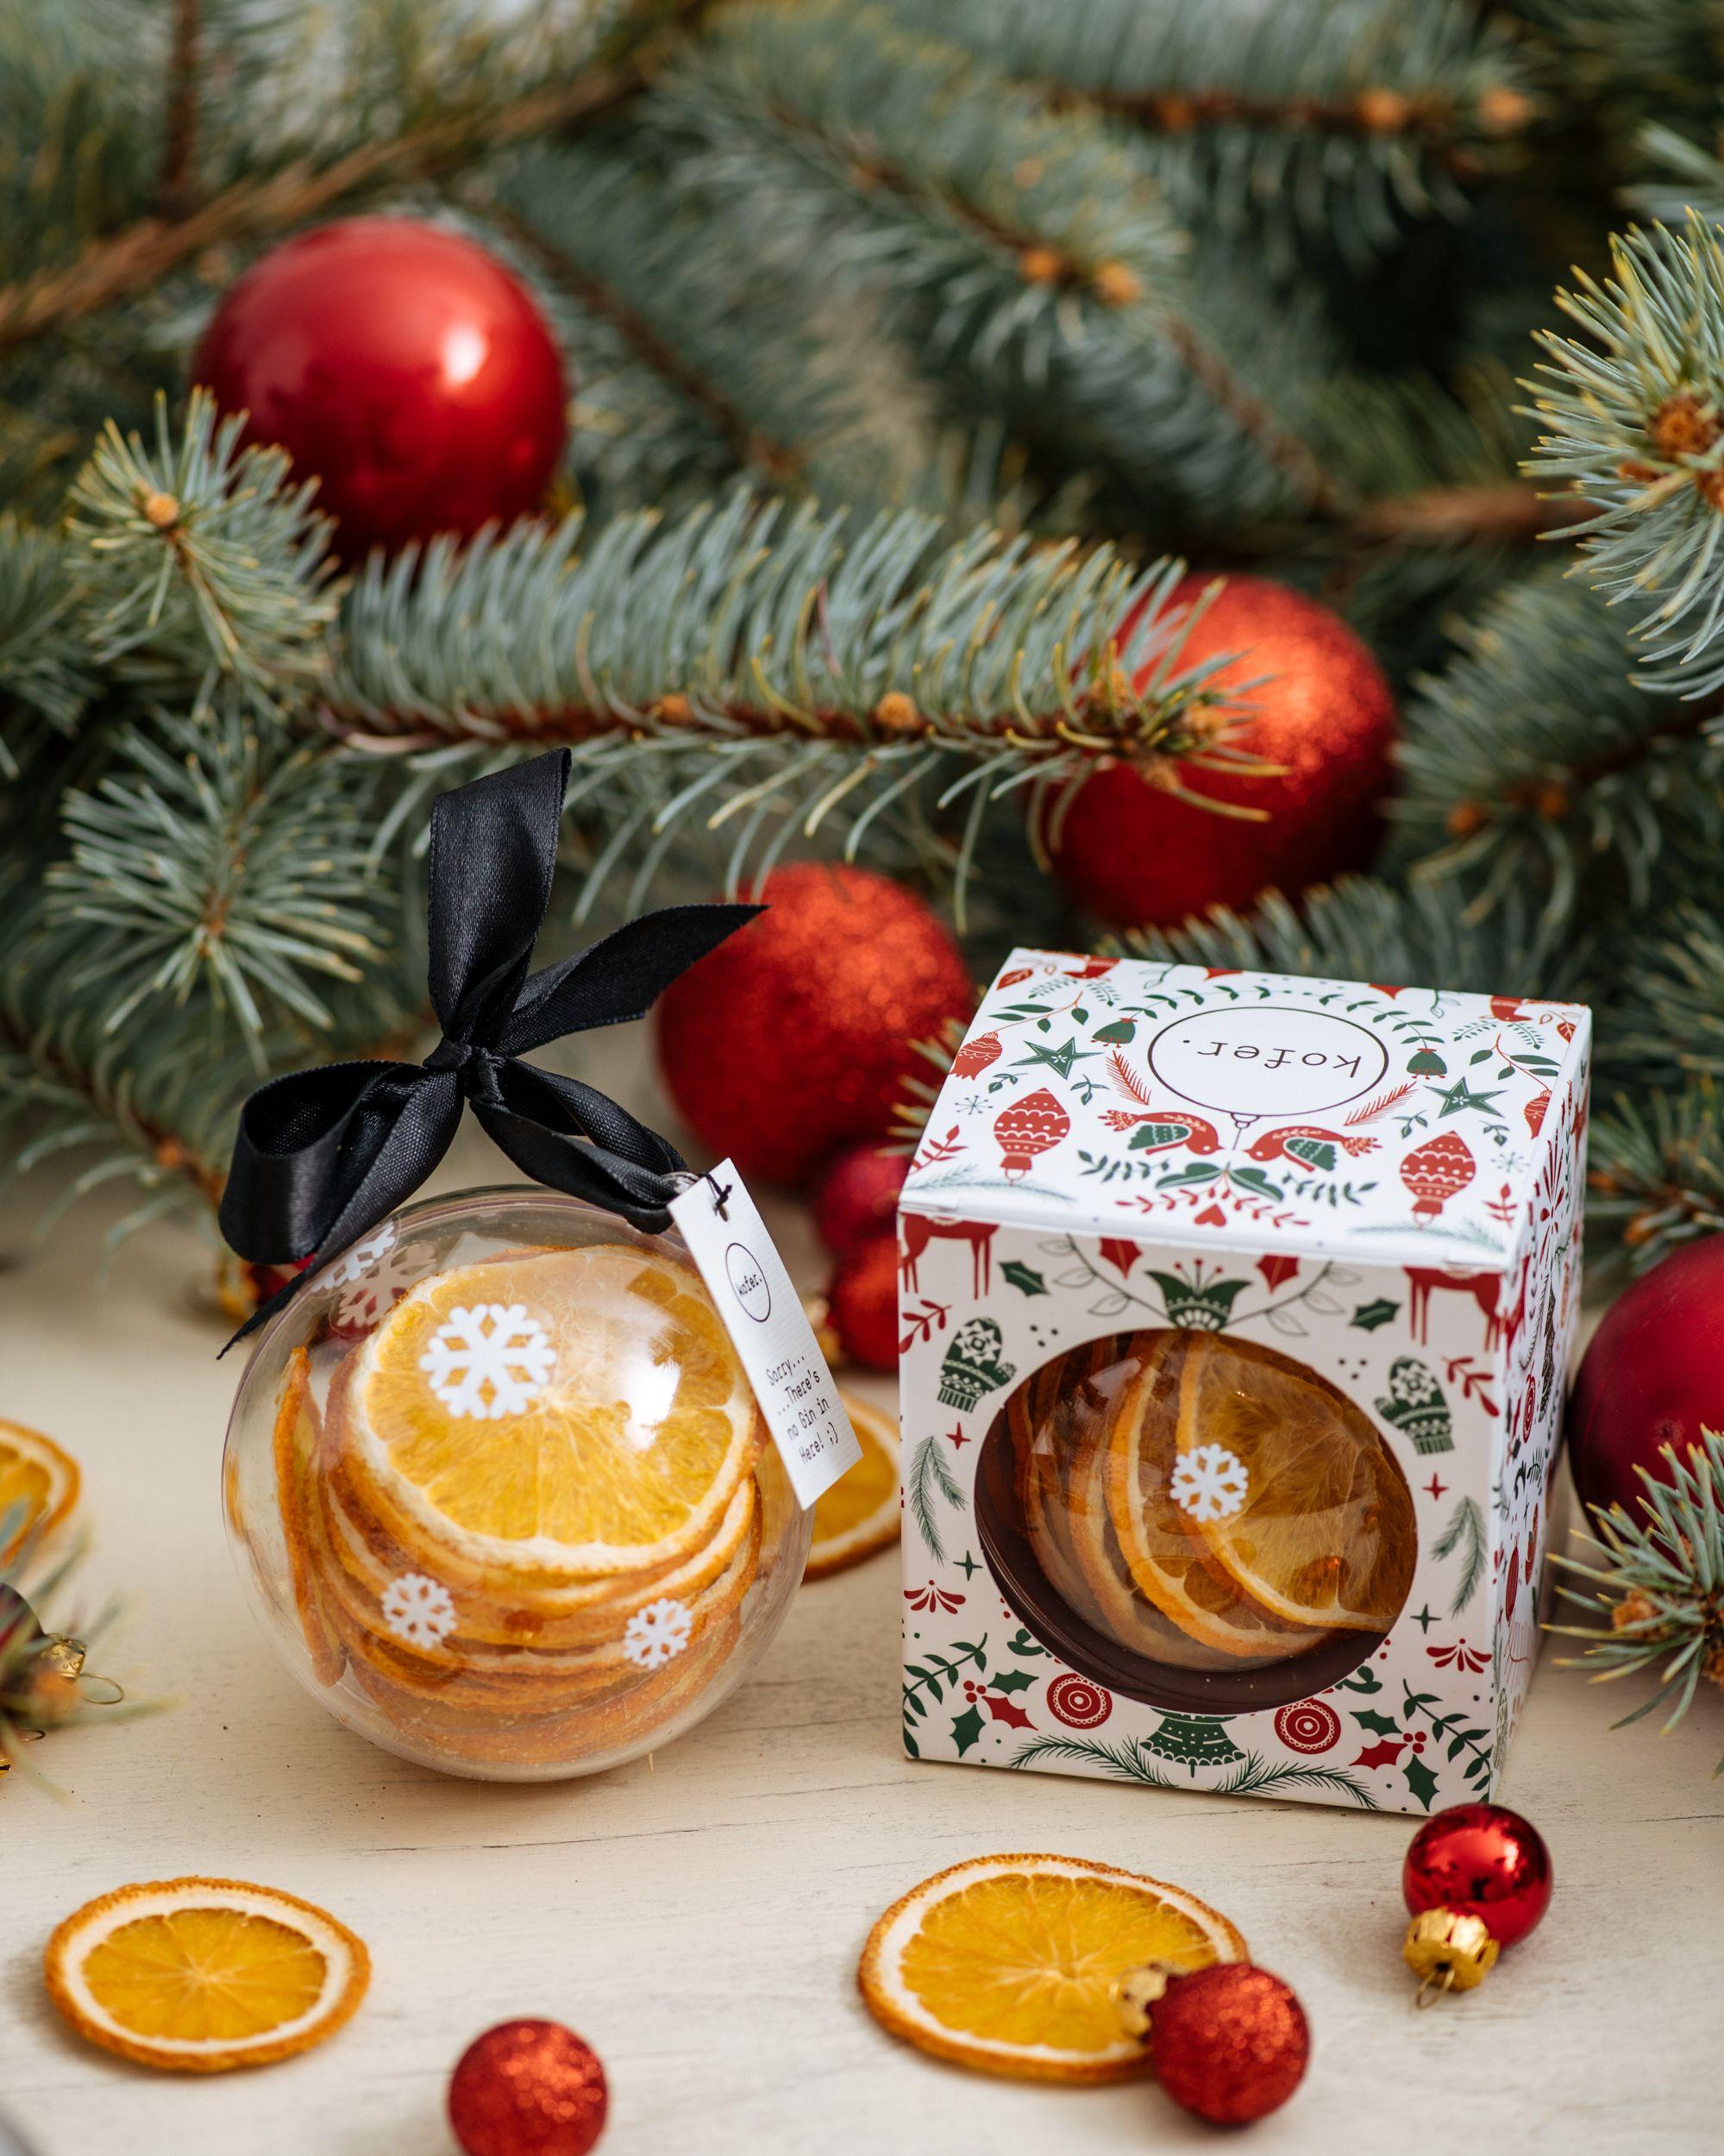 Zavirite u blagdansku ponudu hrvatskog brenda koji poklone za vas zamata i dostavlja na adresu